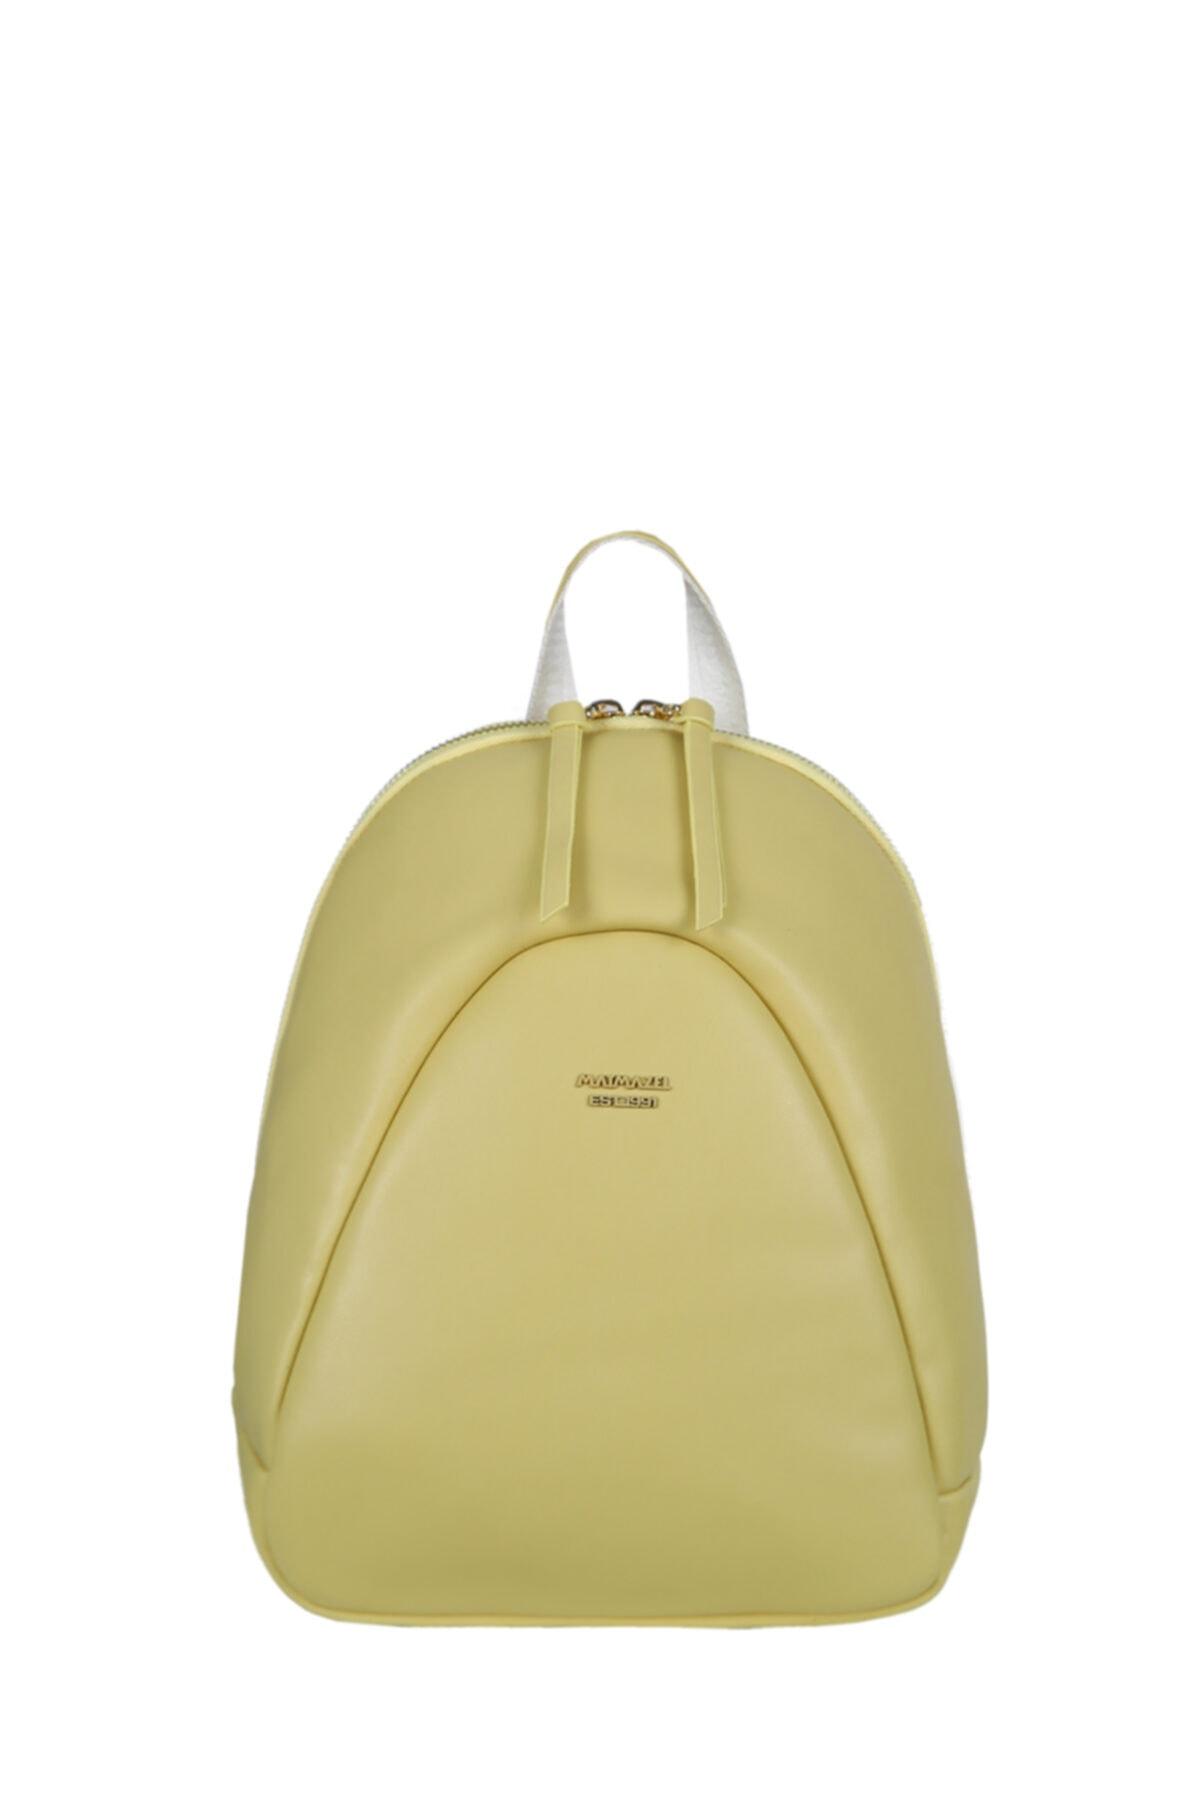 خرید انلاین کوله پشتی زنانه خاص برند Matmazel رنگ زرد ty90827007